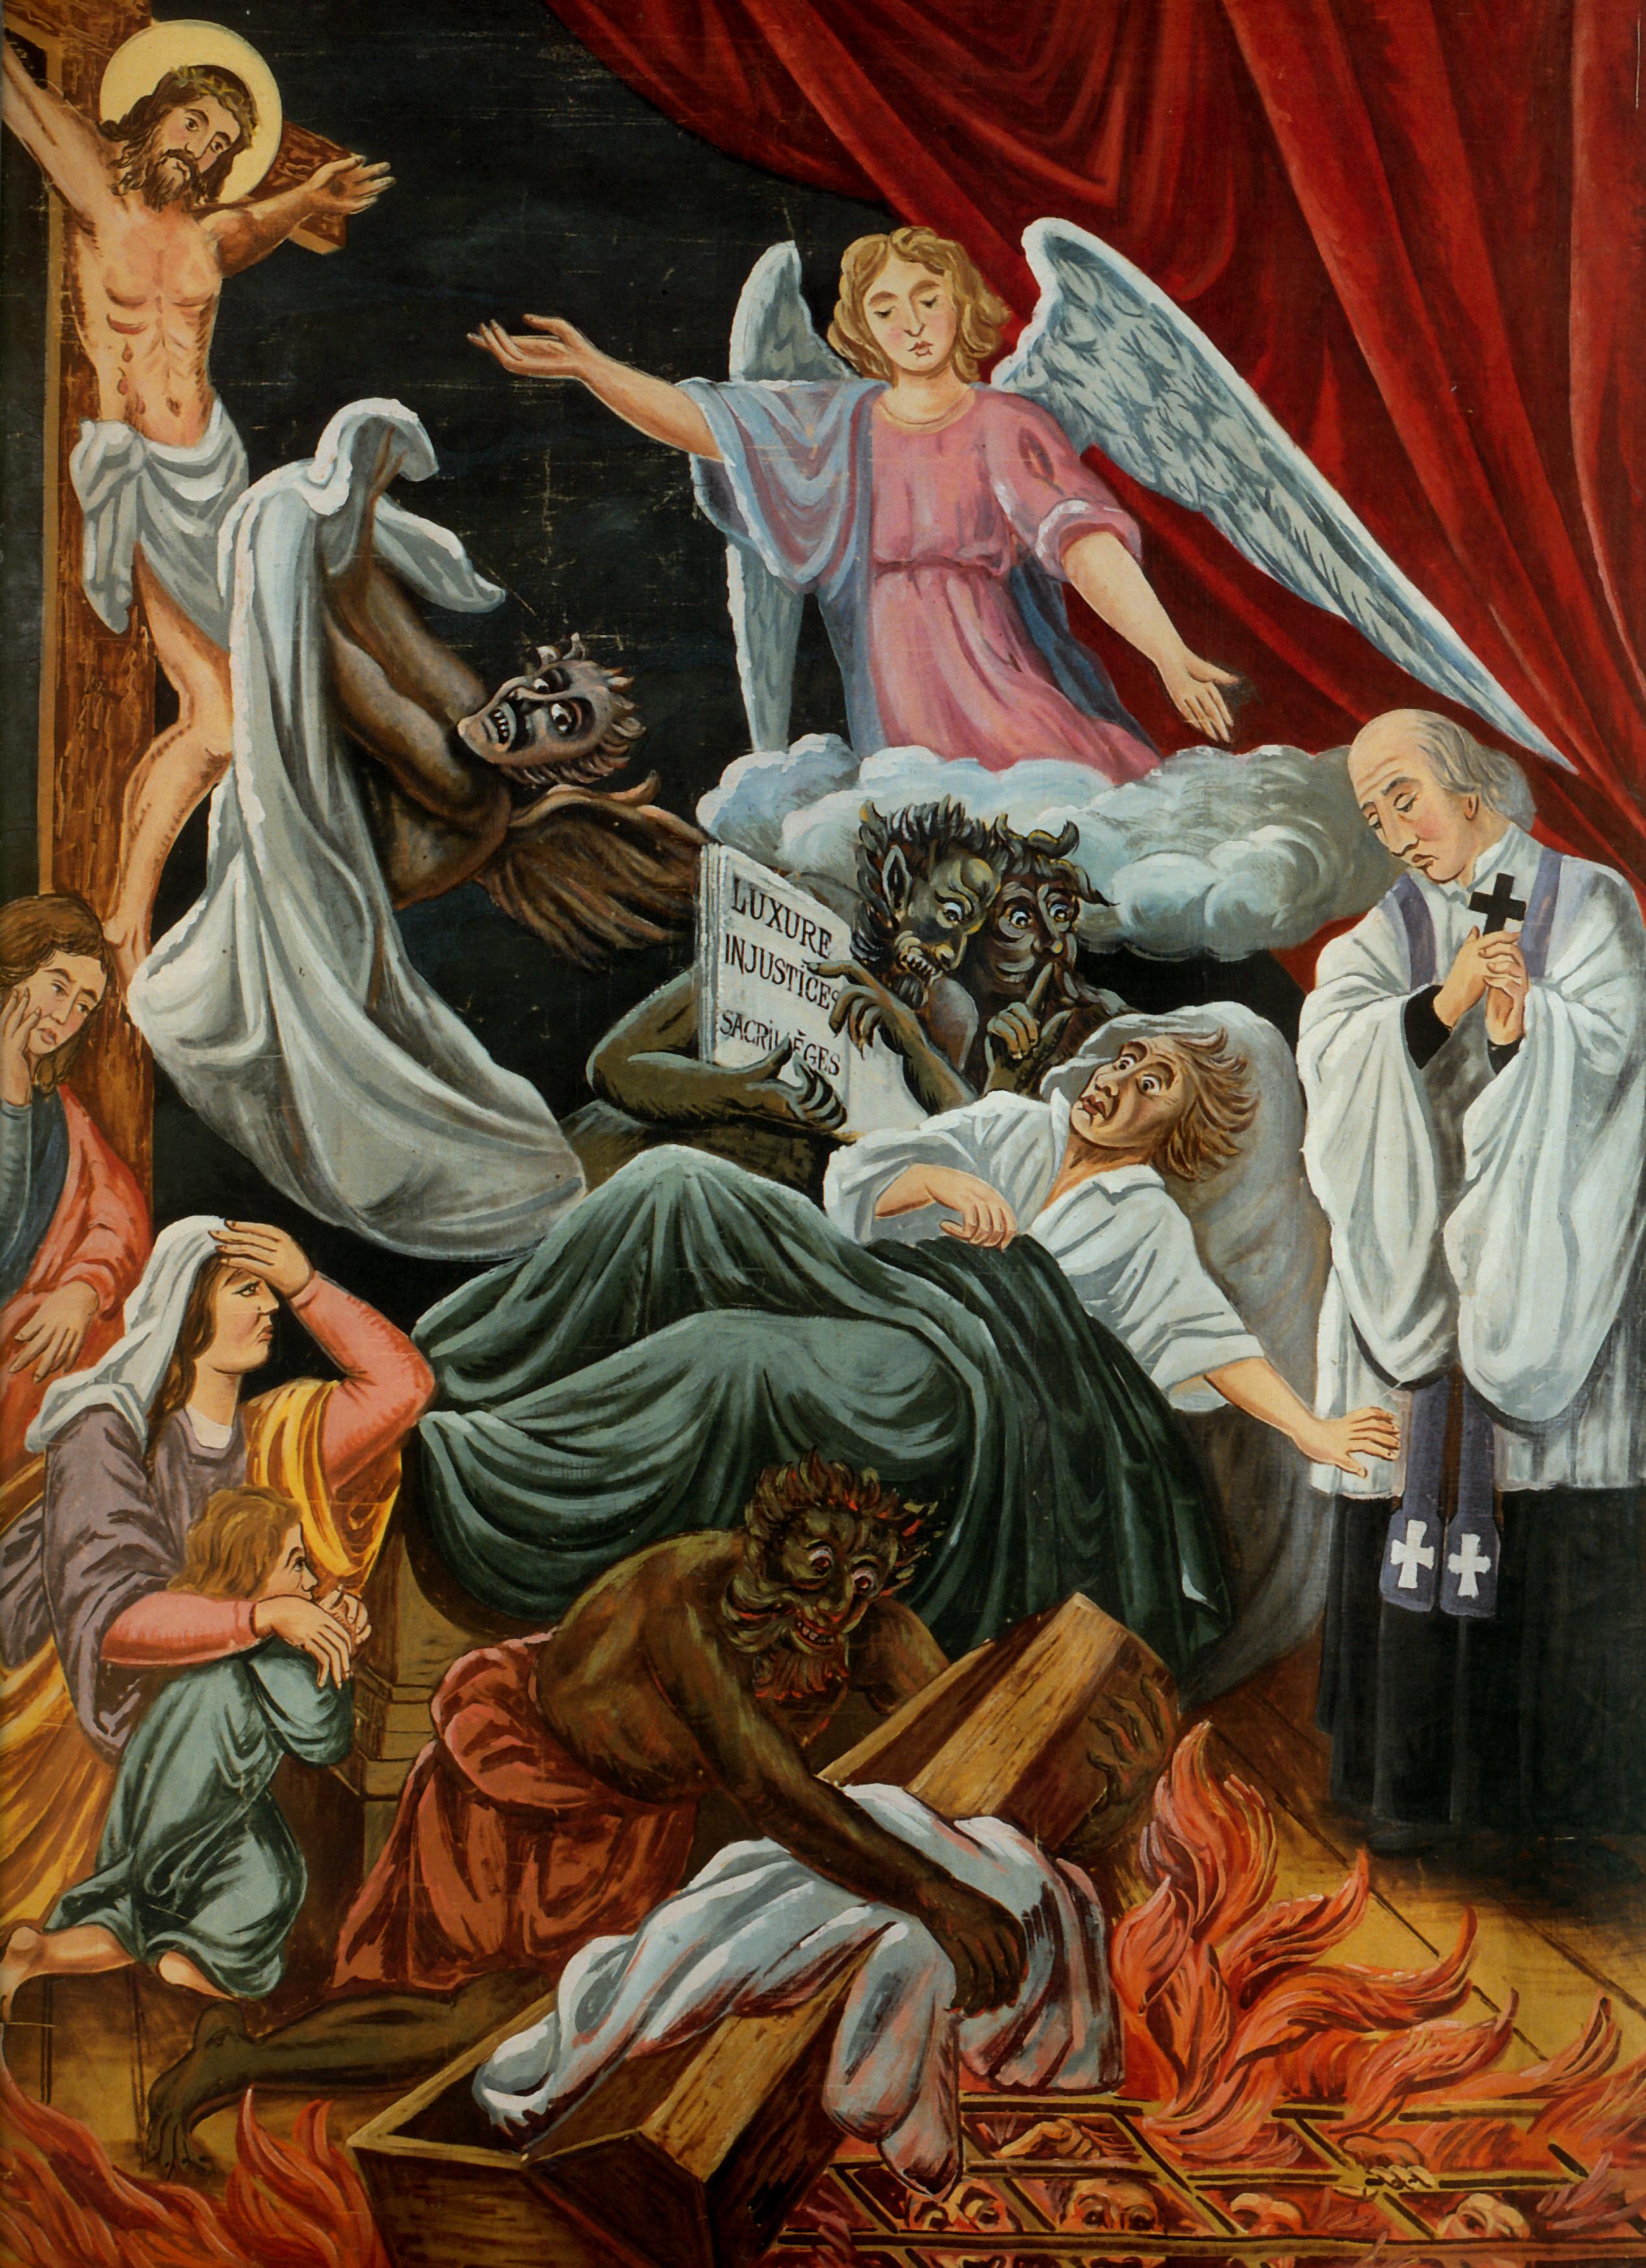 Православие трансвеститы попадают в ад допускаете